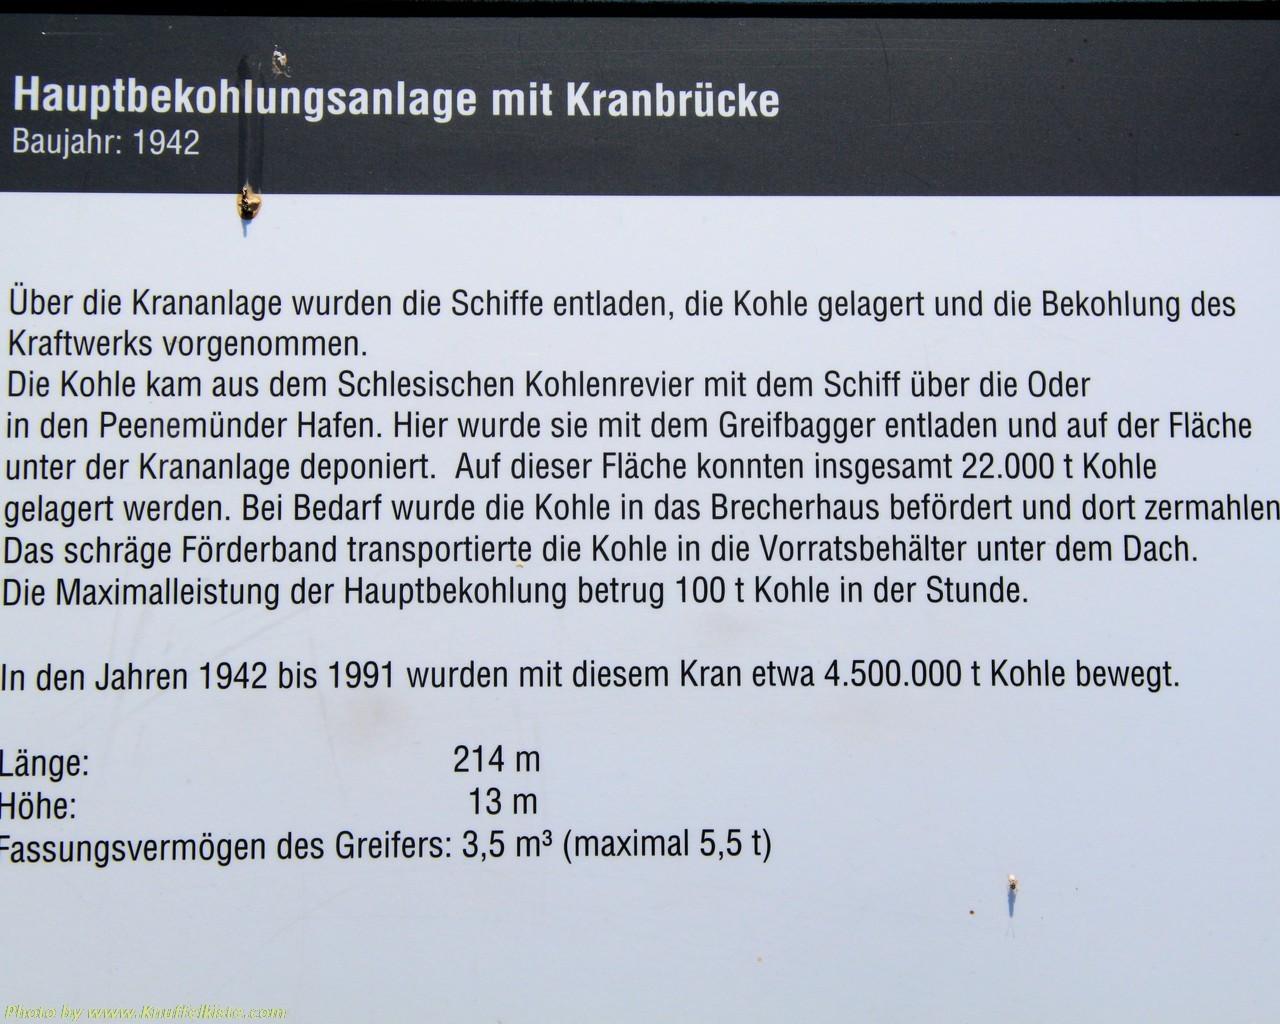 Hauptbekohlungsanlage und Kranbrücke...